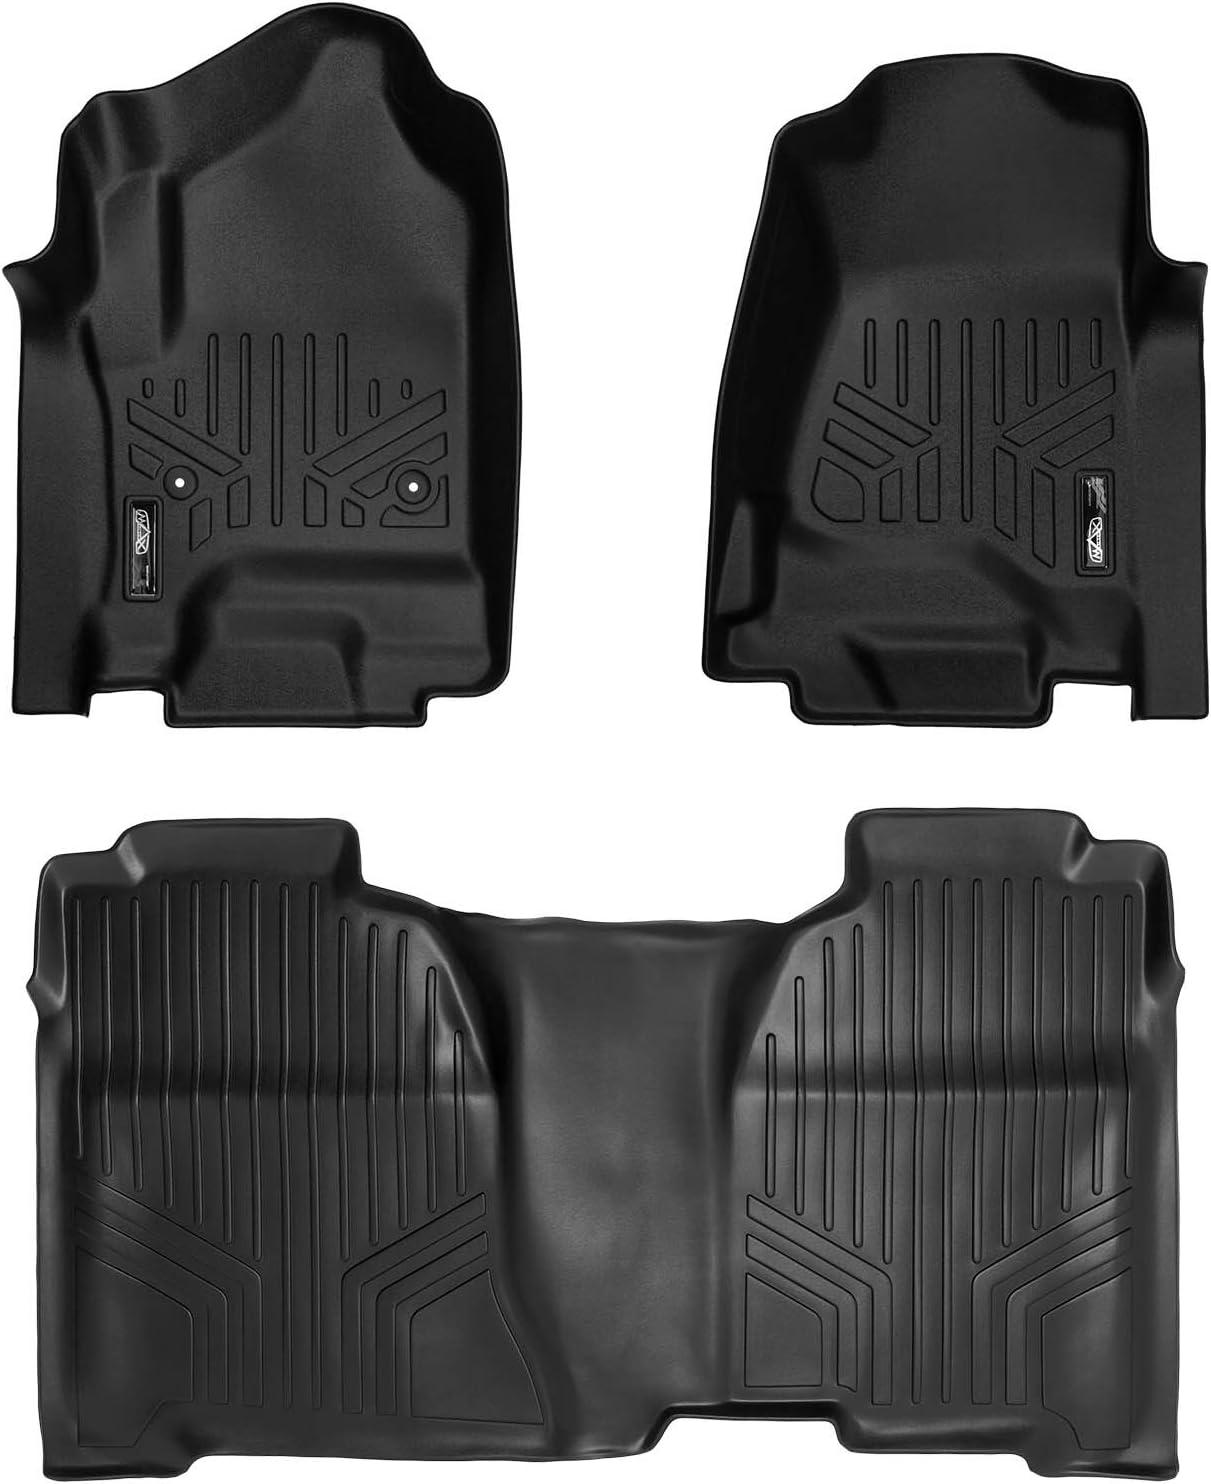 SMARTLINER Floor Mats 2 Row Liner Set Black for Crew Cab 2014-2018 Silverado/Sierra 1500 - 2015-2019 2500/3500 HD